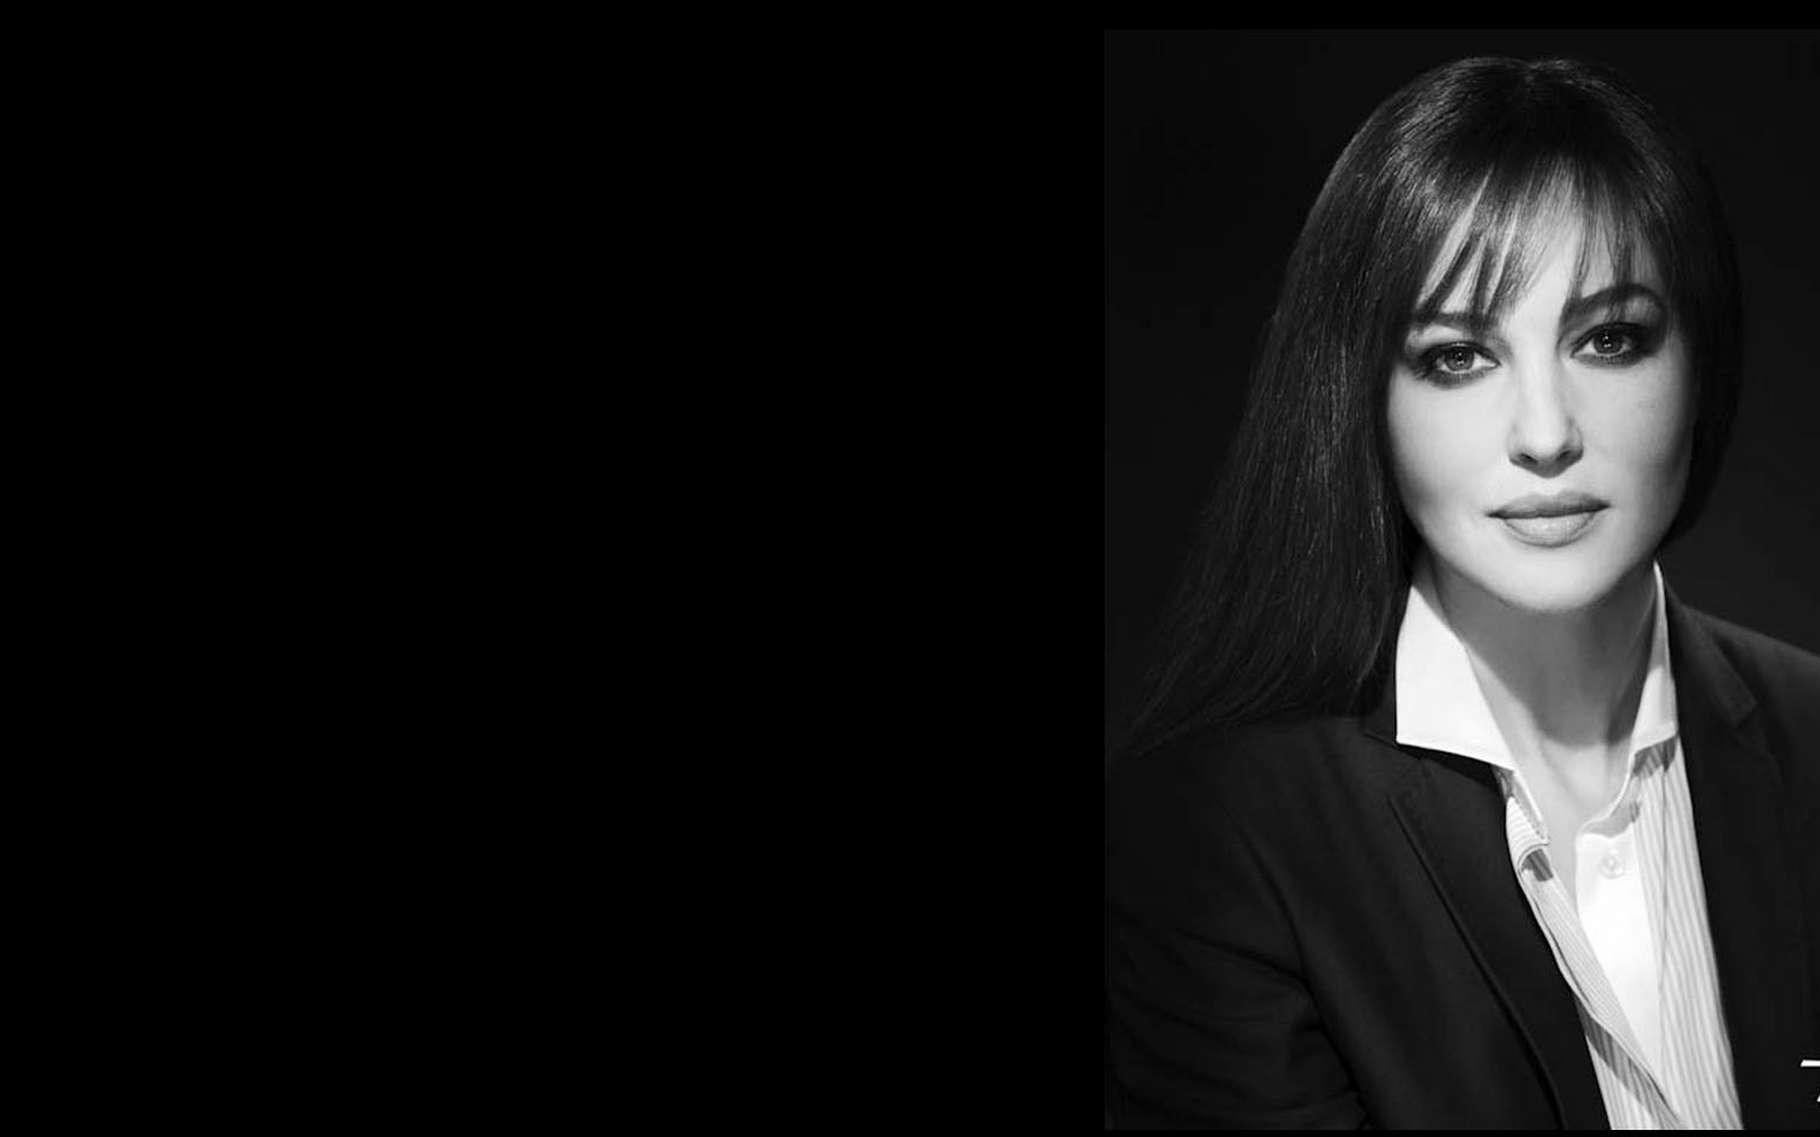 Monica Bellucci photographiée par Studio Harcourt Paris. © Studio Harcourt, wikimedia commons, CC 3.0